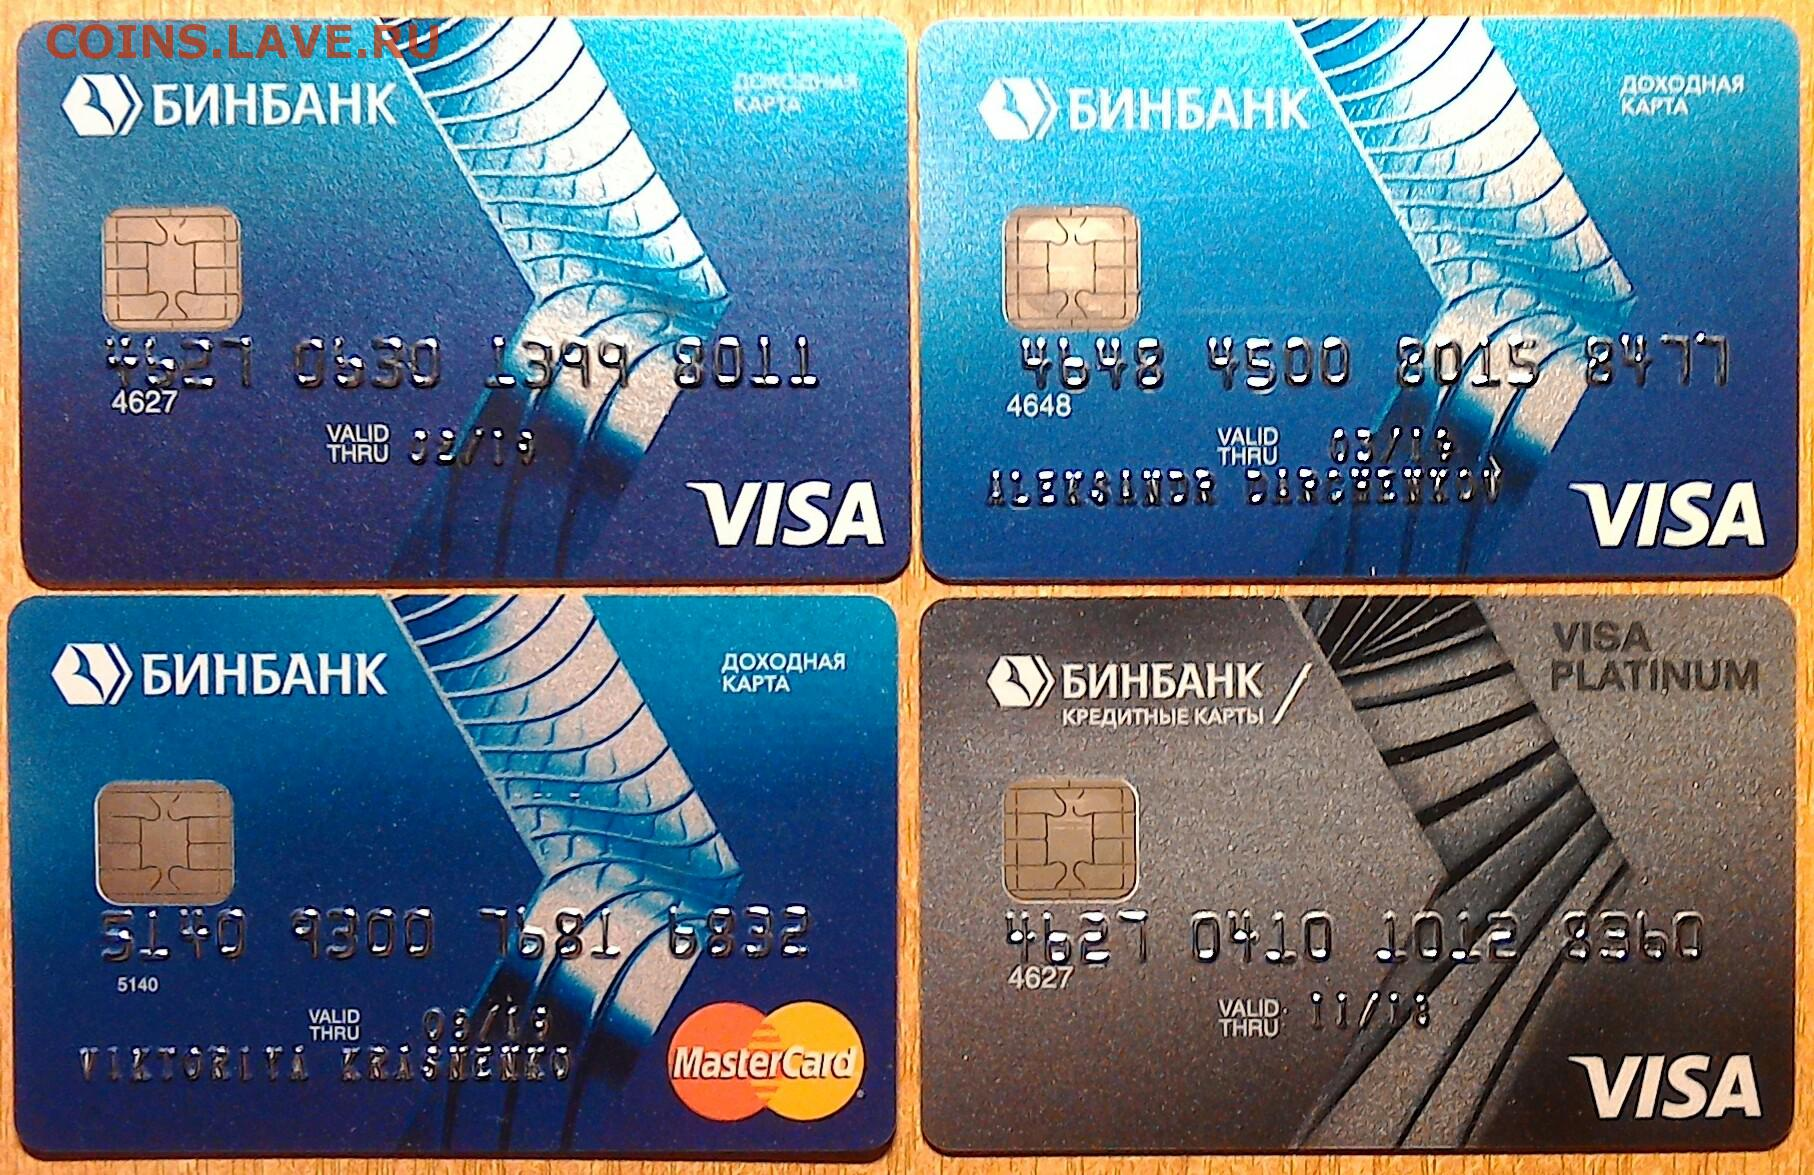 карты бинбанка картинки